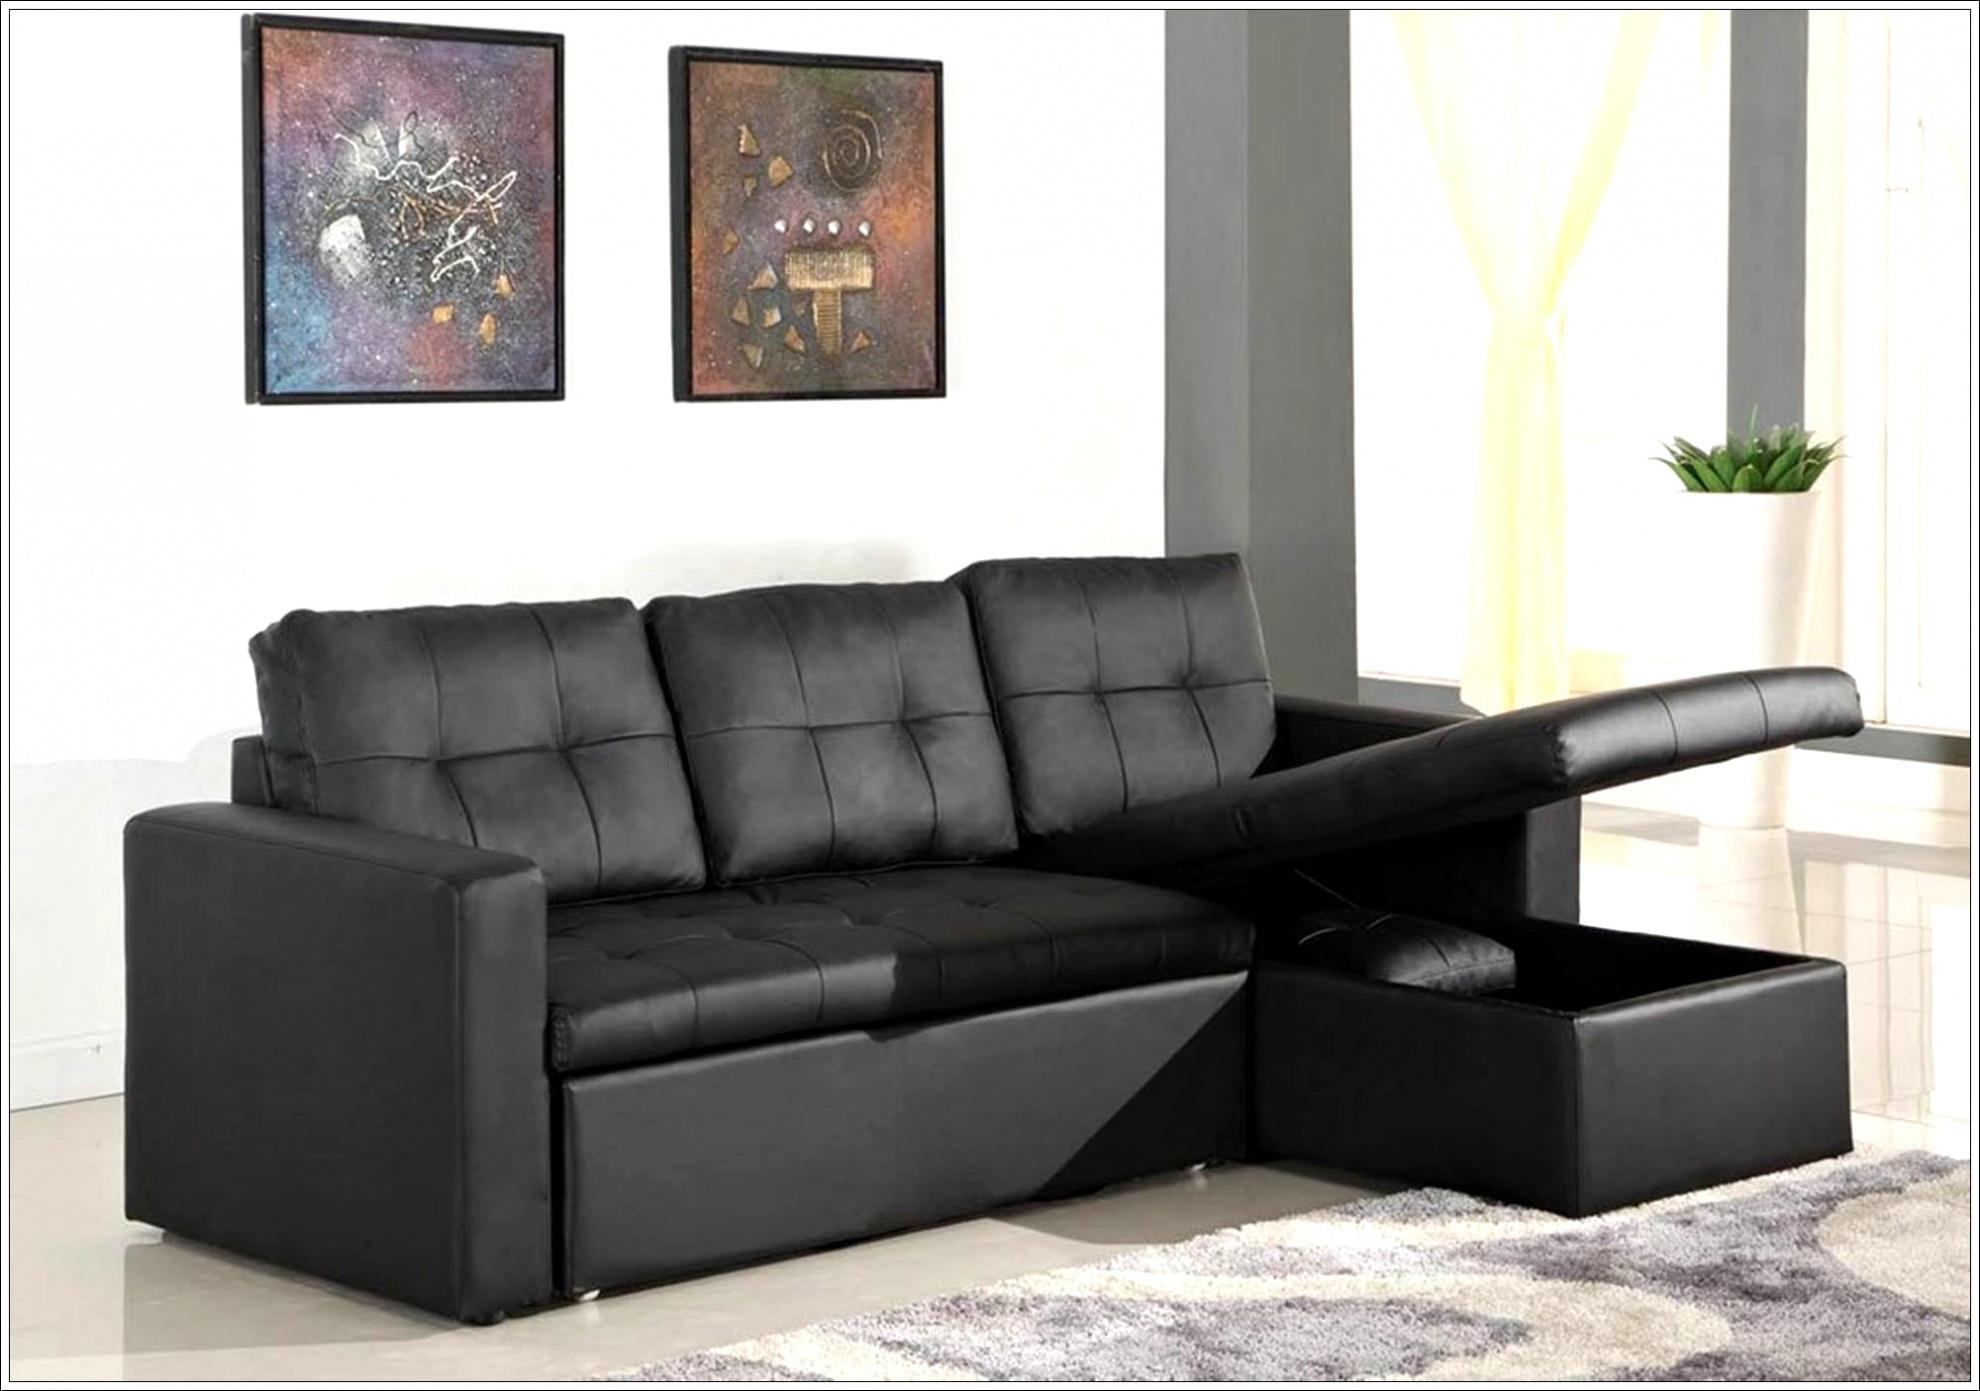 Canapé Jimi La Redoute Frais Images Maha S Couch 7 Places Home Mahagranda